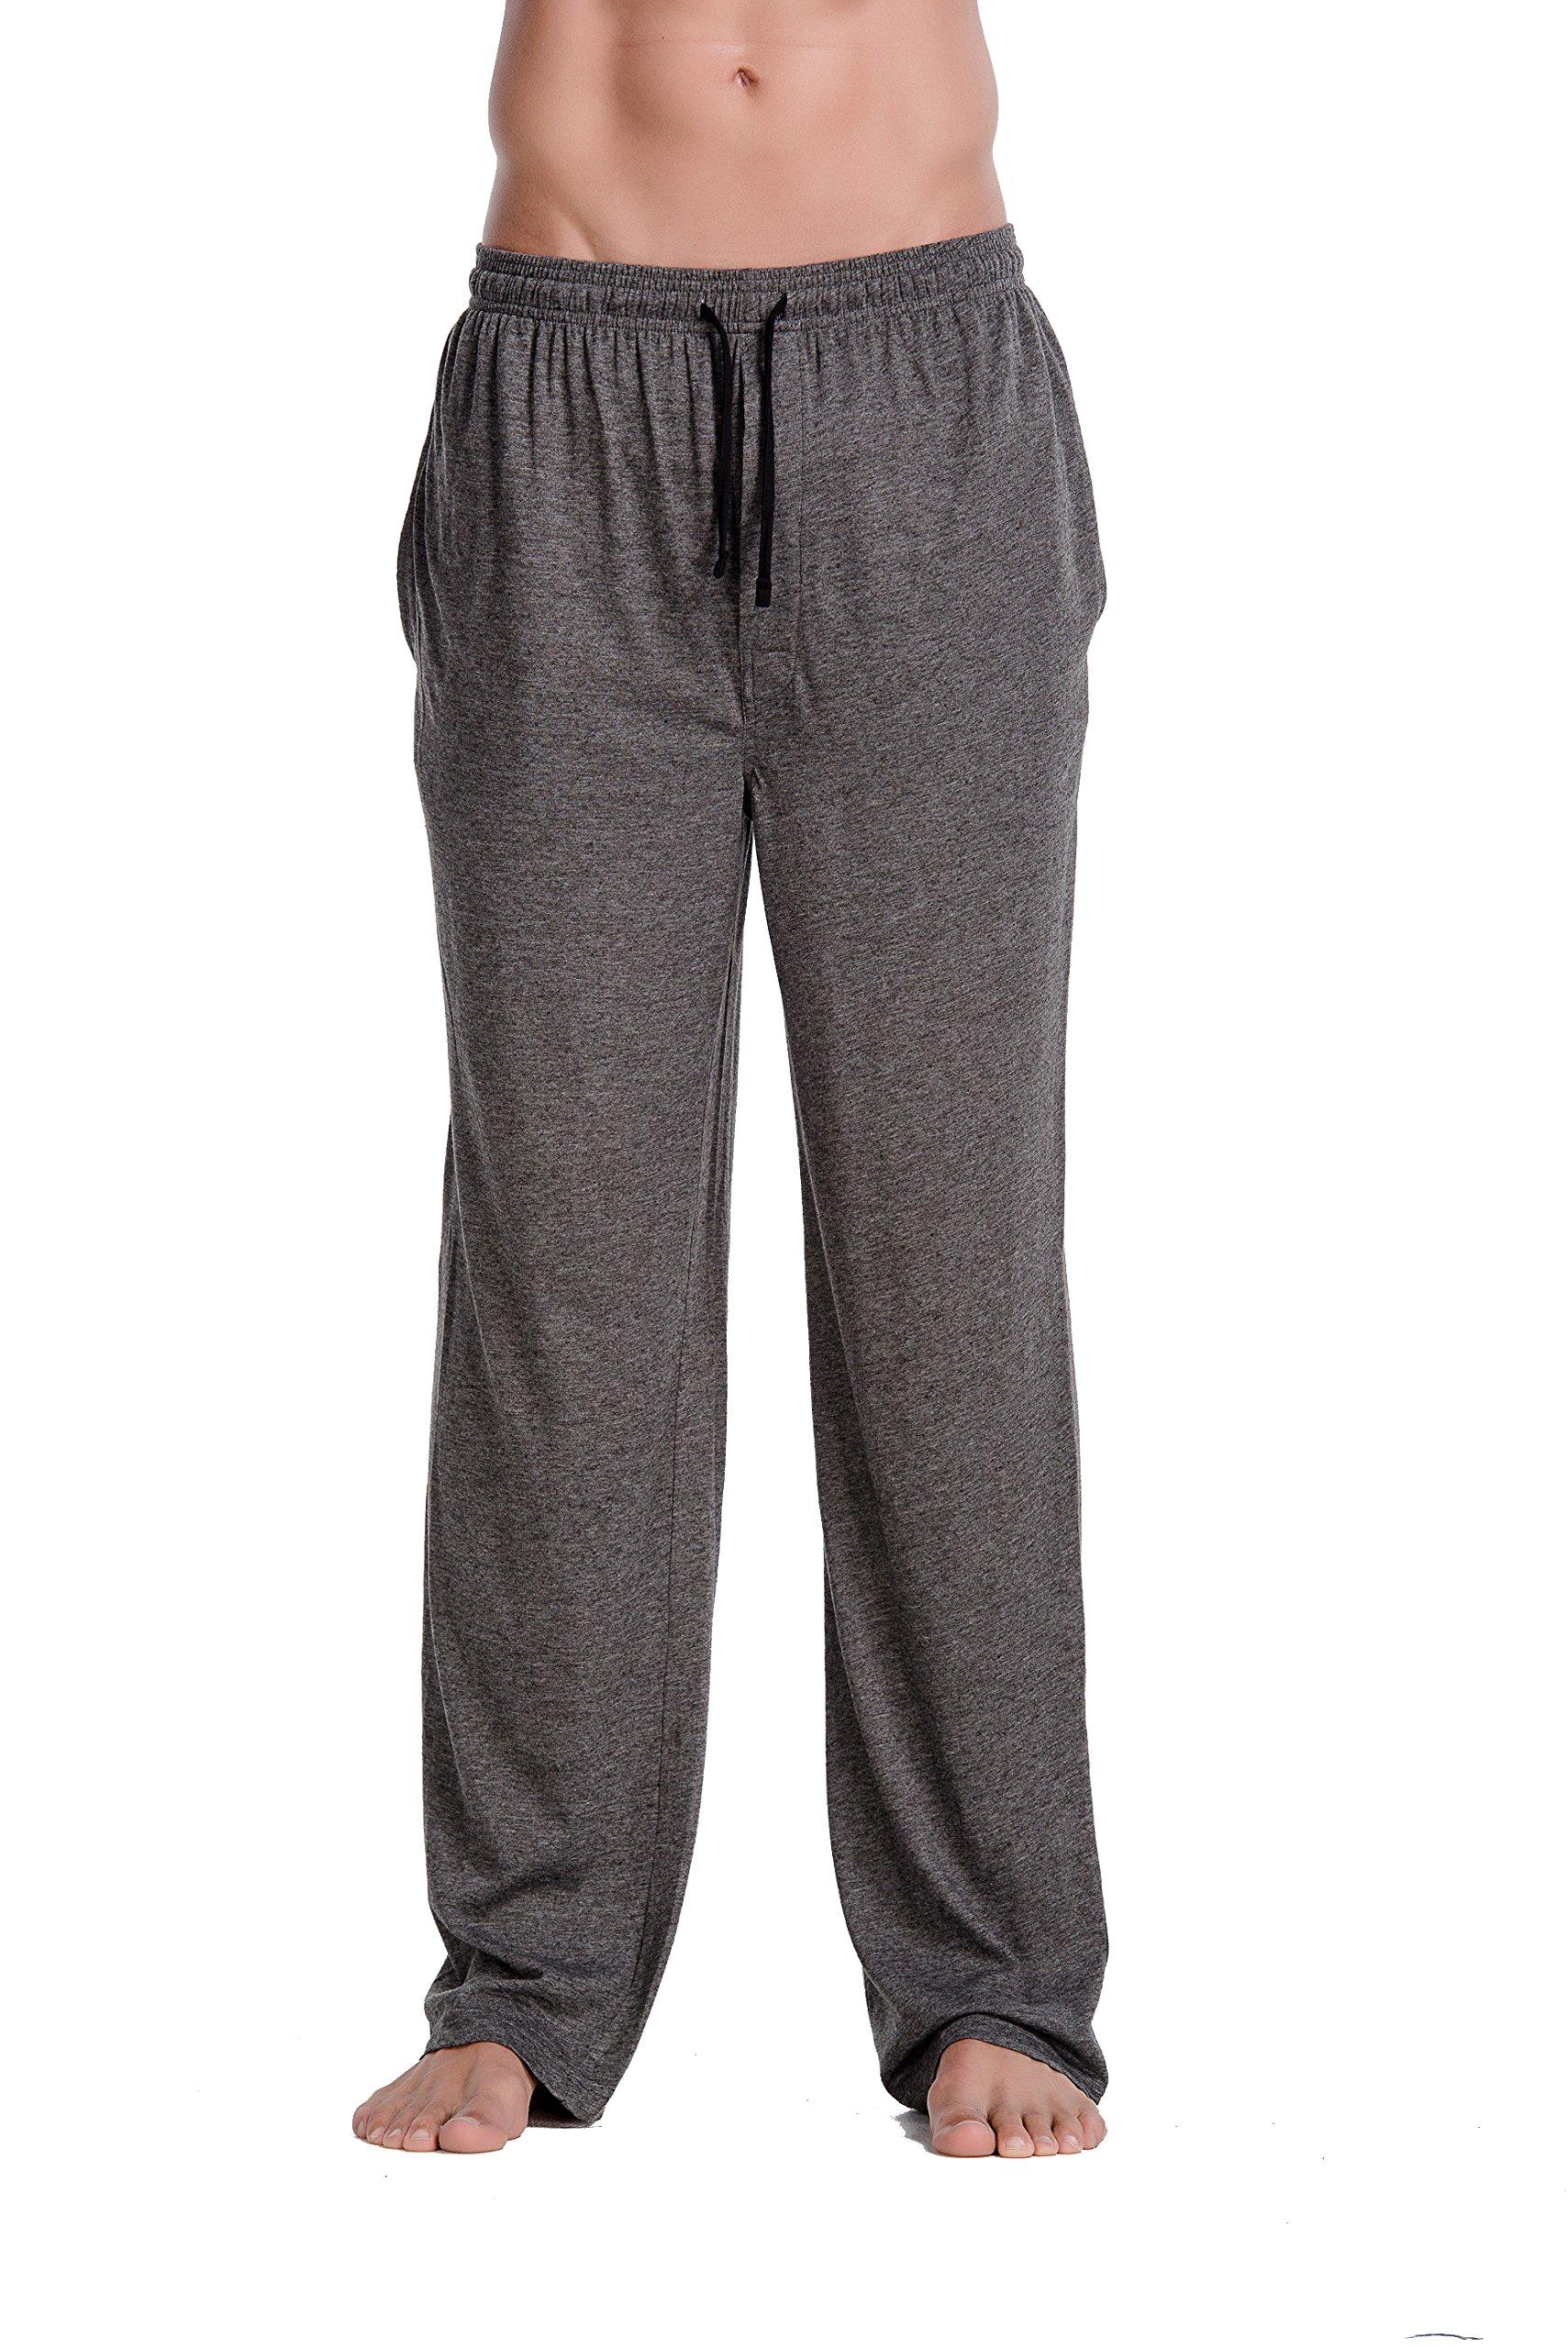 CYZ Men's Cotton Jersey Knit Pajama Pants/Lounge Pants-Charcoal-S